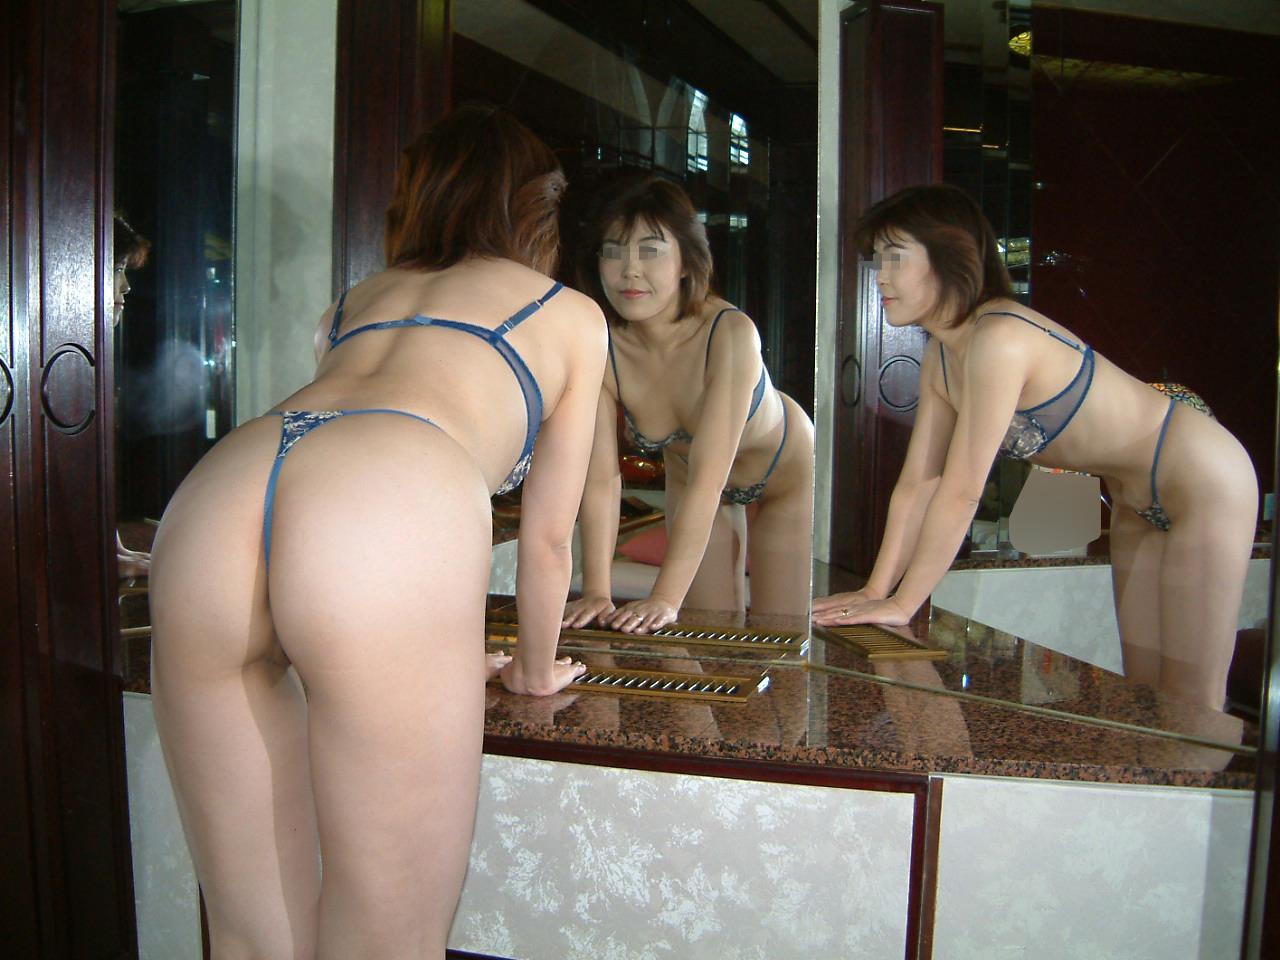 凄い色のセクシー下着で不倫をする淫乱人妻のエロ画像8枚目